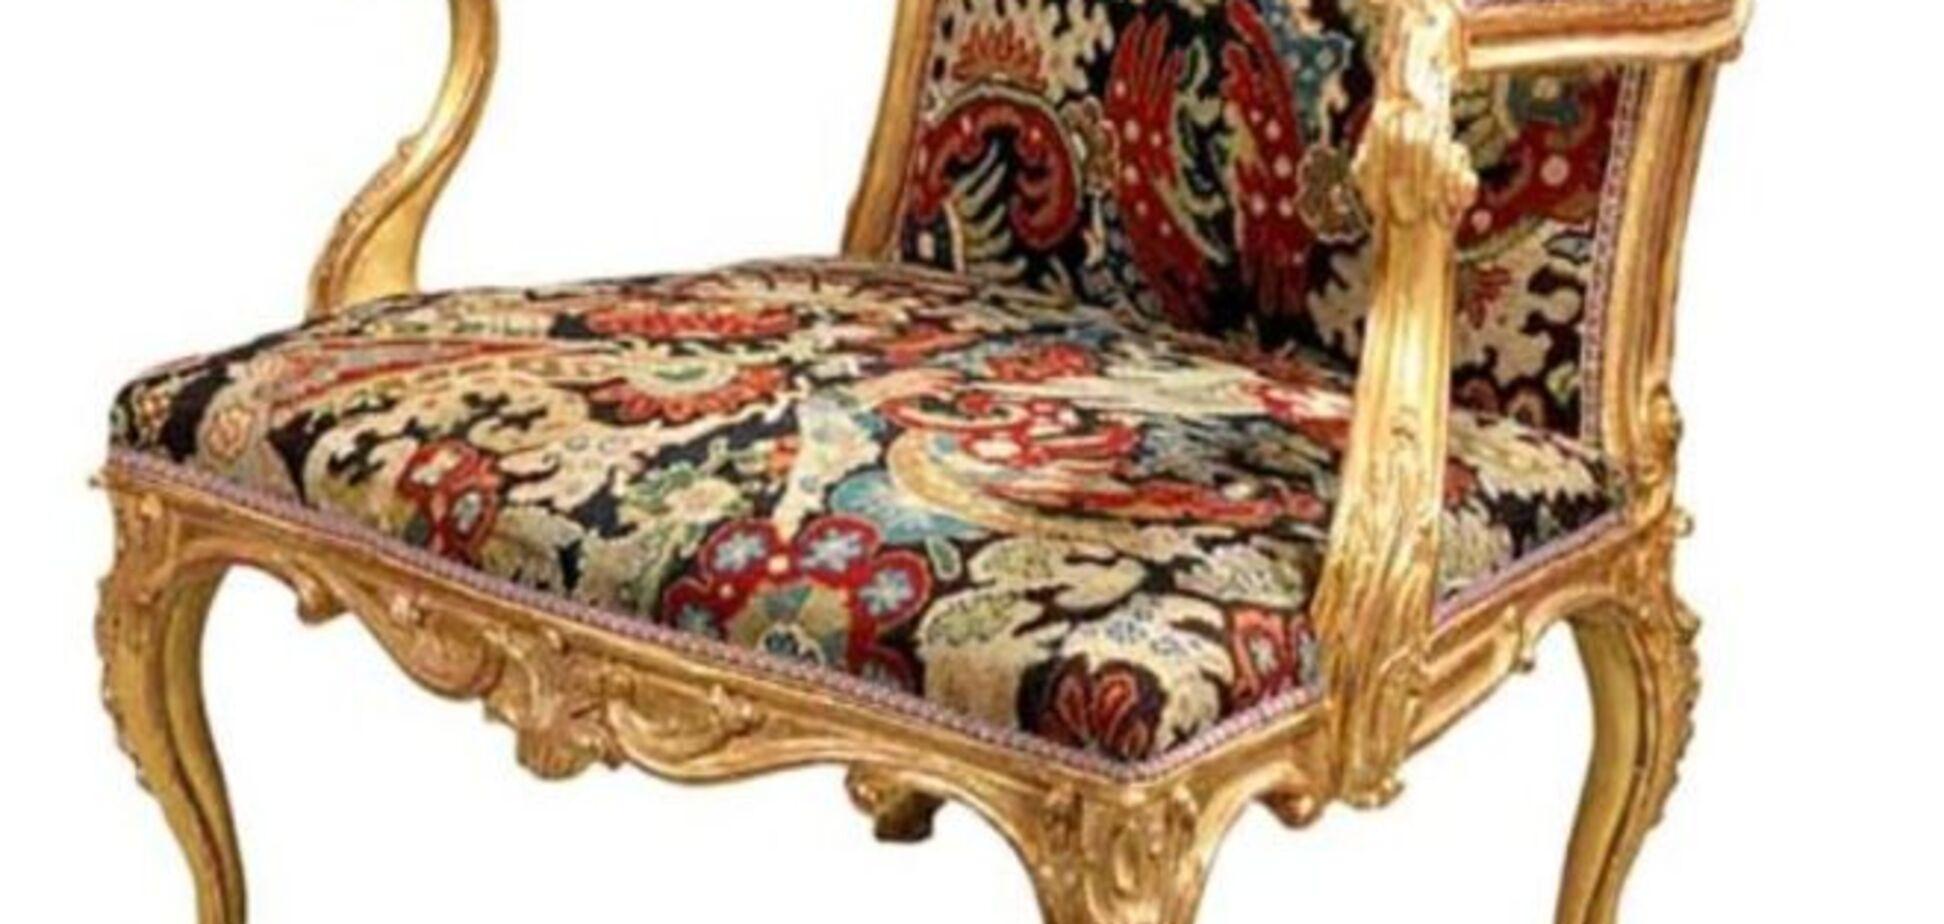 Откуда взялись каталоги мебели?